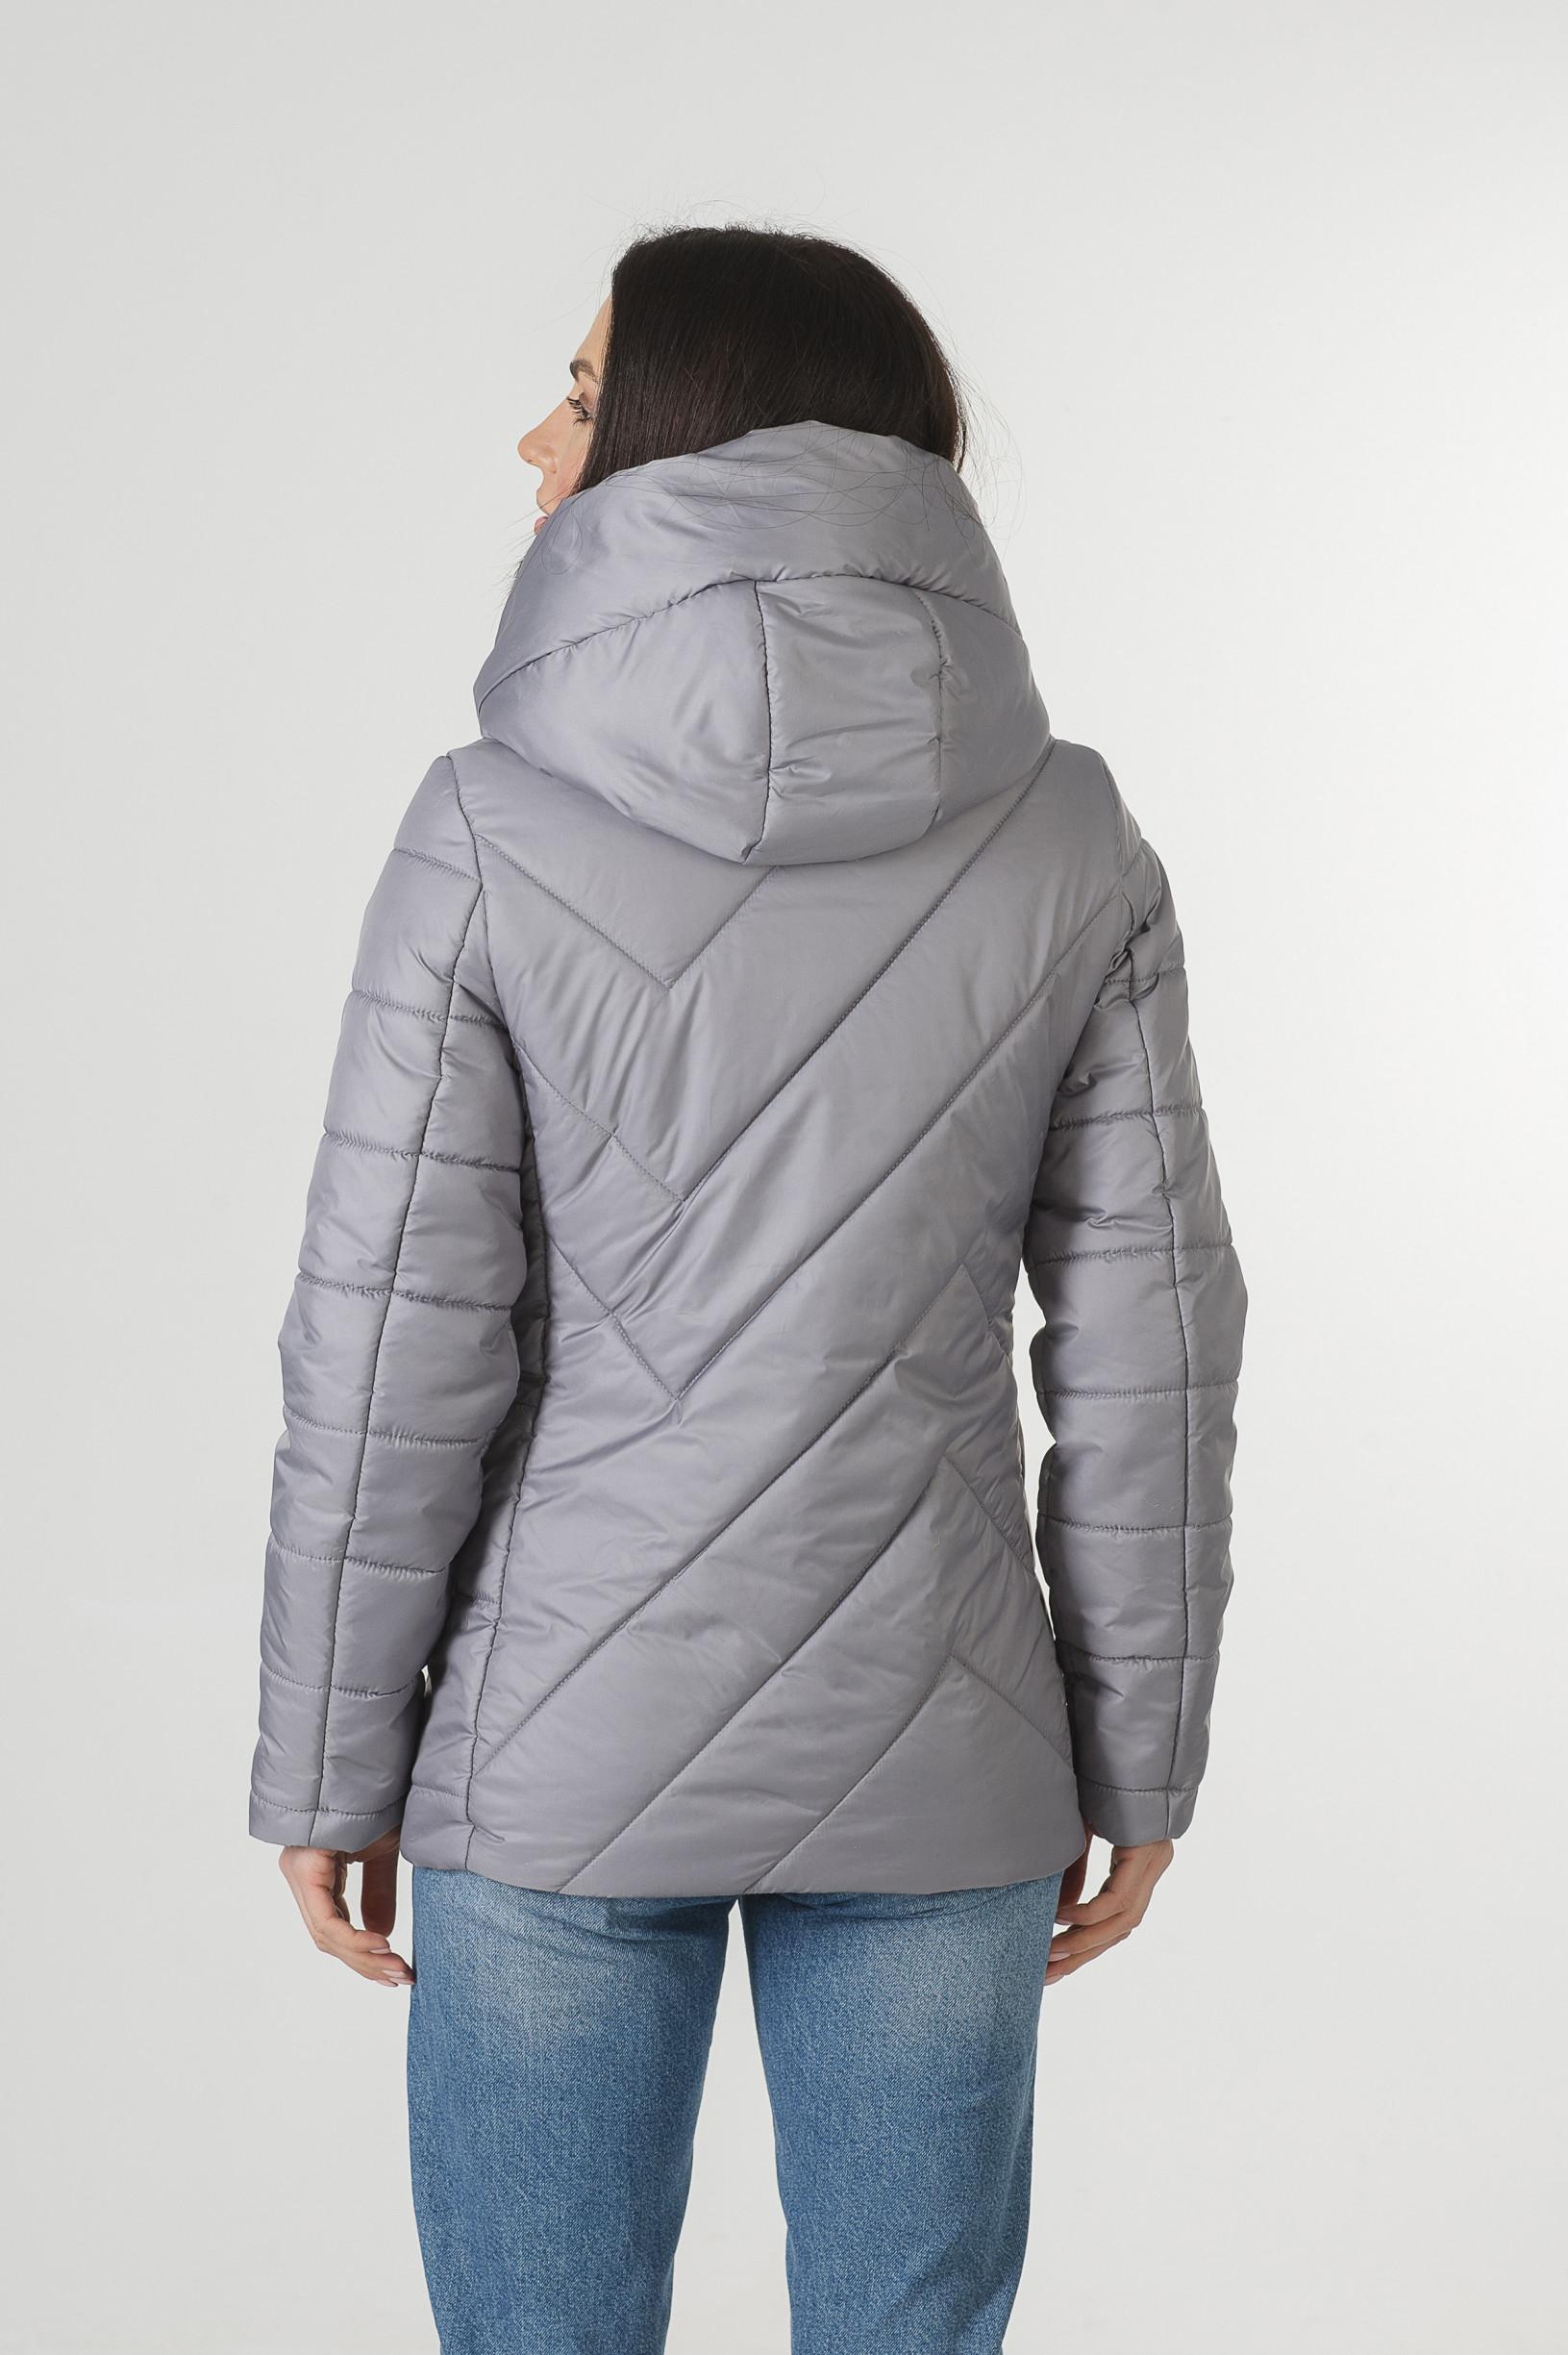 Демисезонная серая курточка Хайди